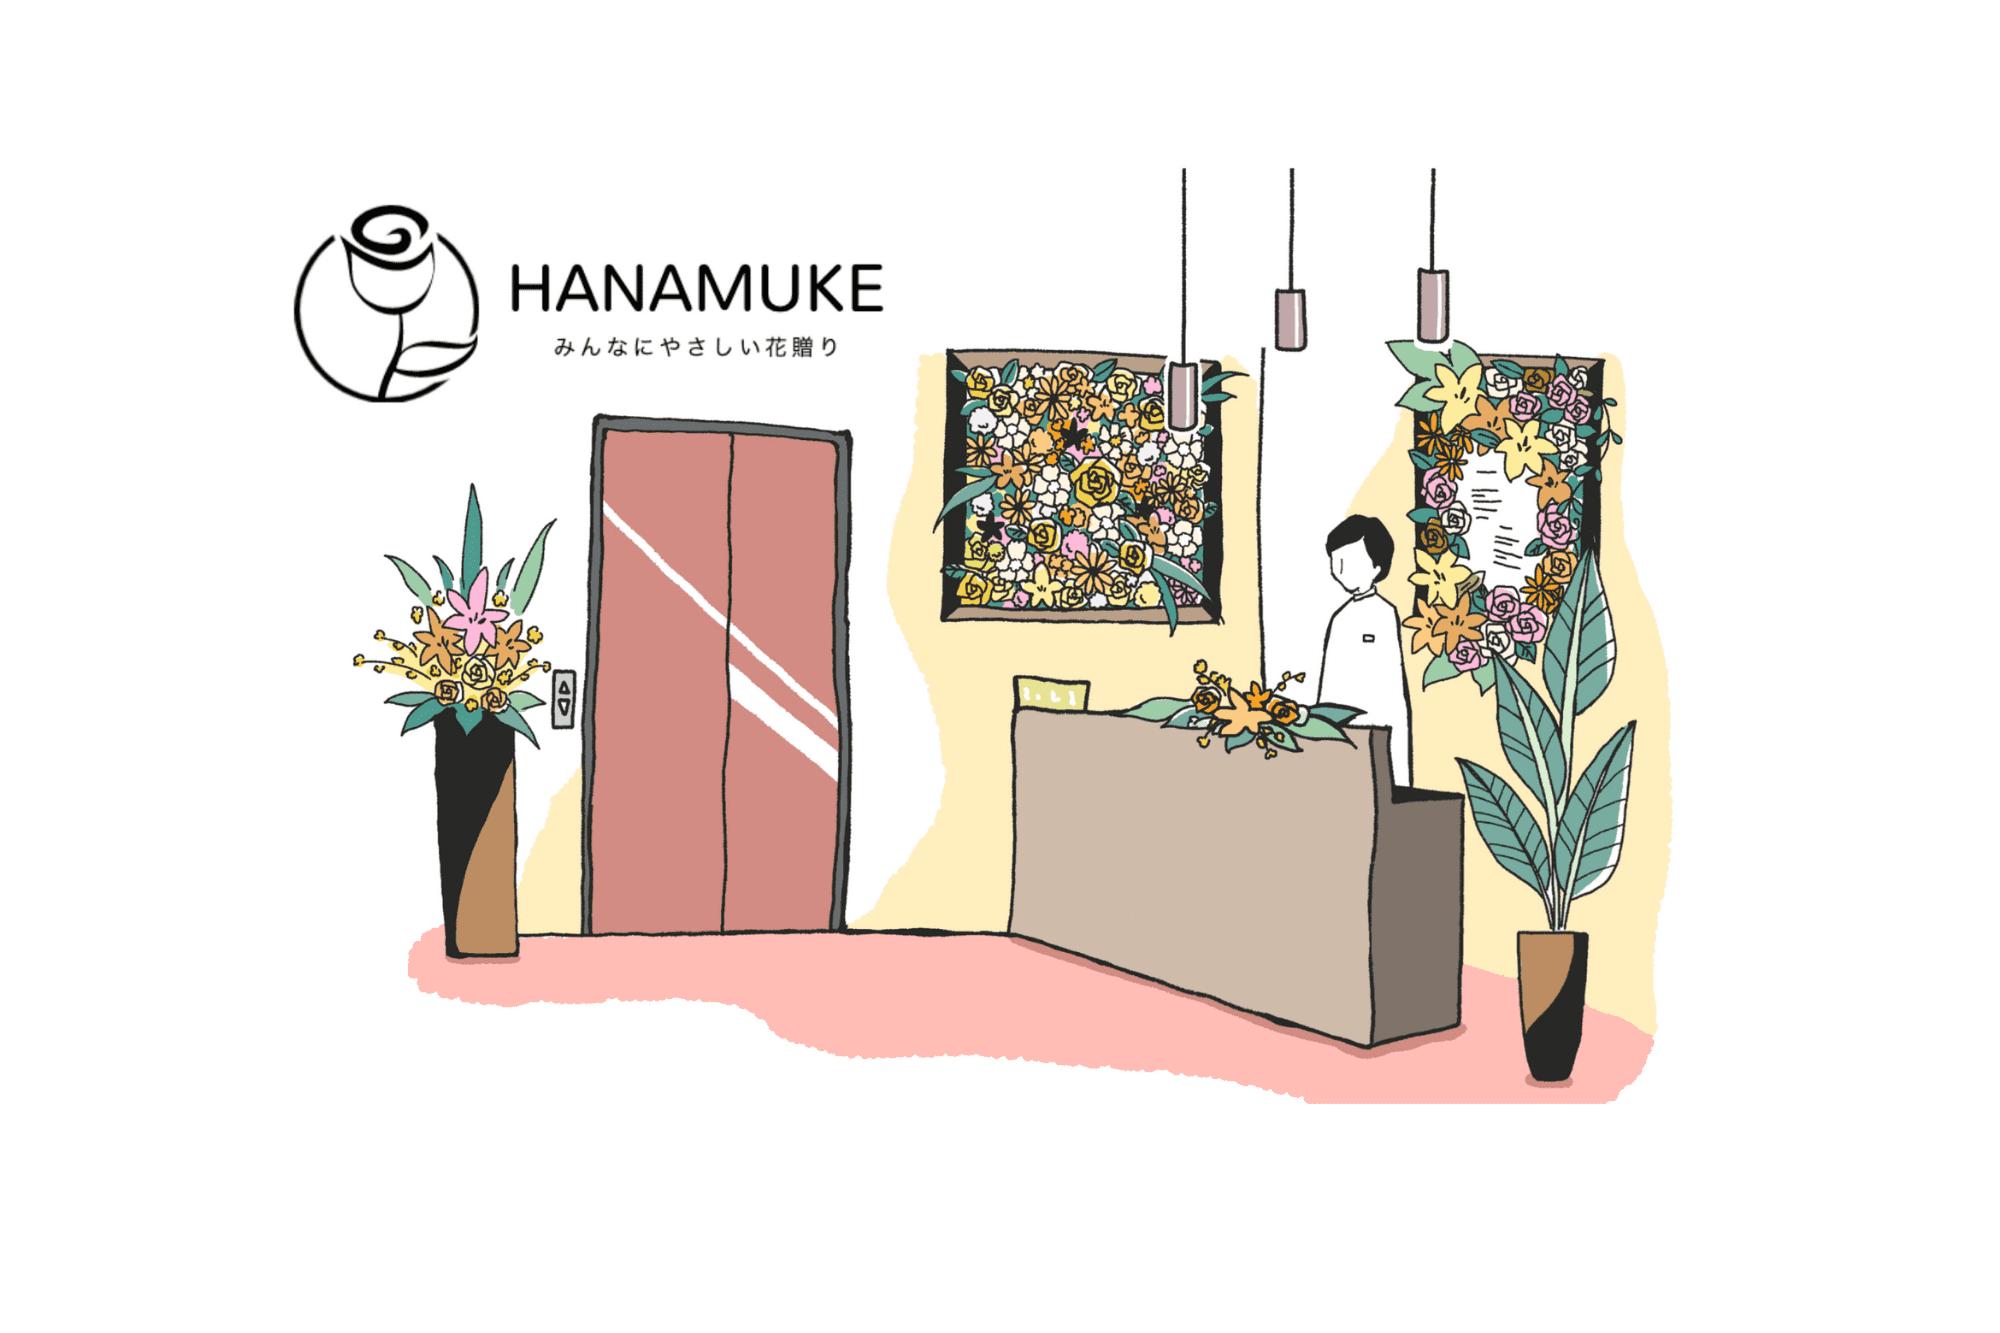 HANAMUKE